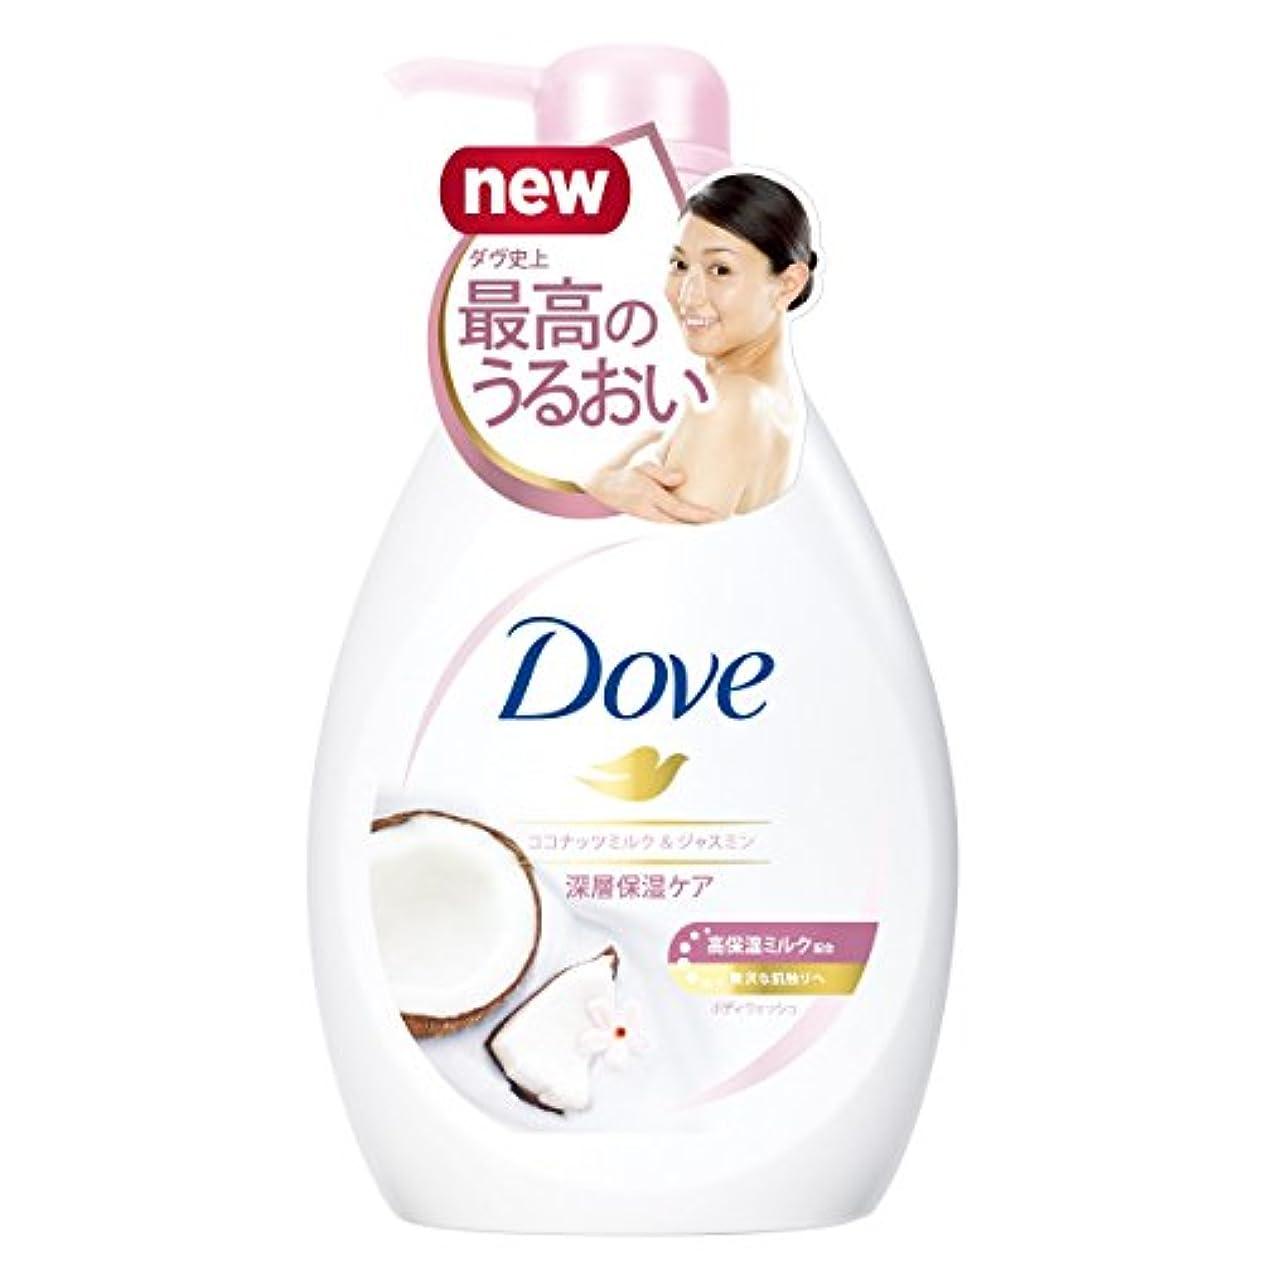 光組み込む人道的Dove ダヴ ボディウォッシュ ココナッツミルク & ジャスミン ポンプ 480g